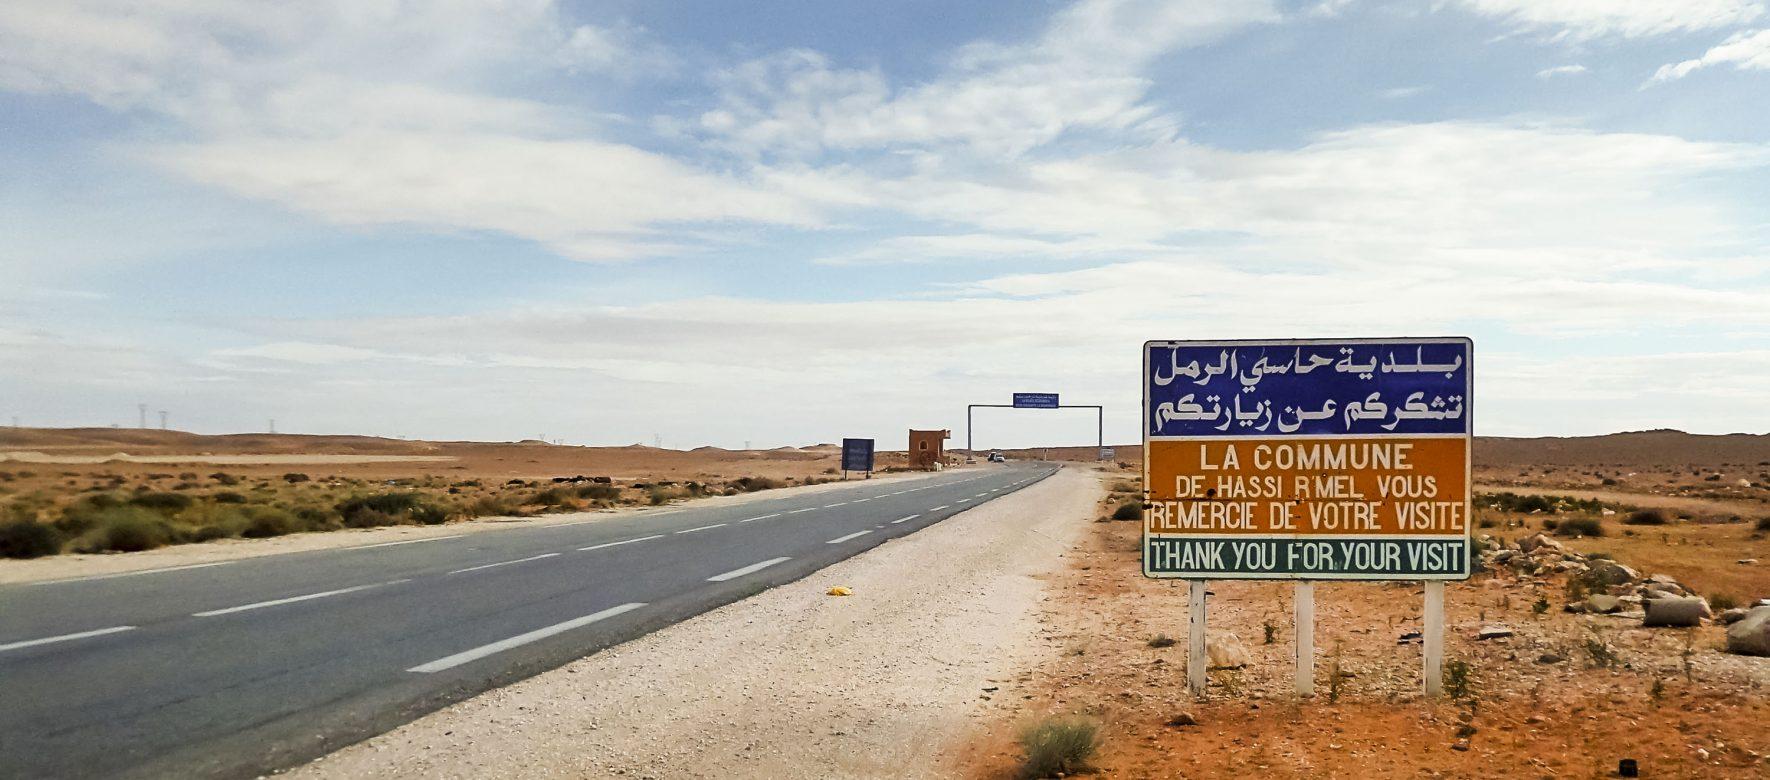 L'Algérie investit 2 milliards de dollars dans le site gazier de Hassi R'mel